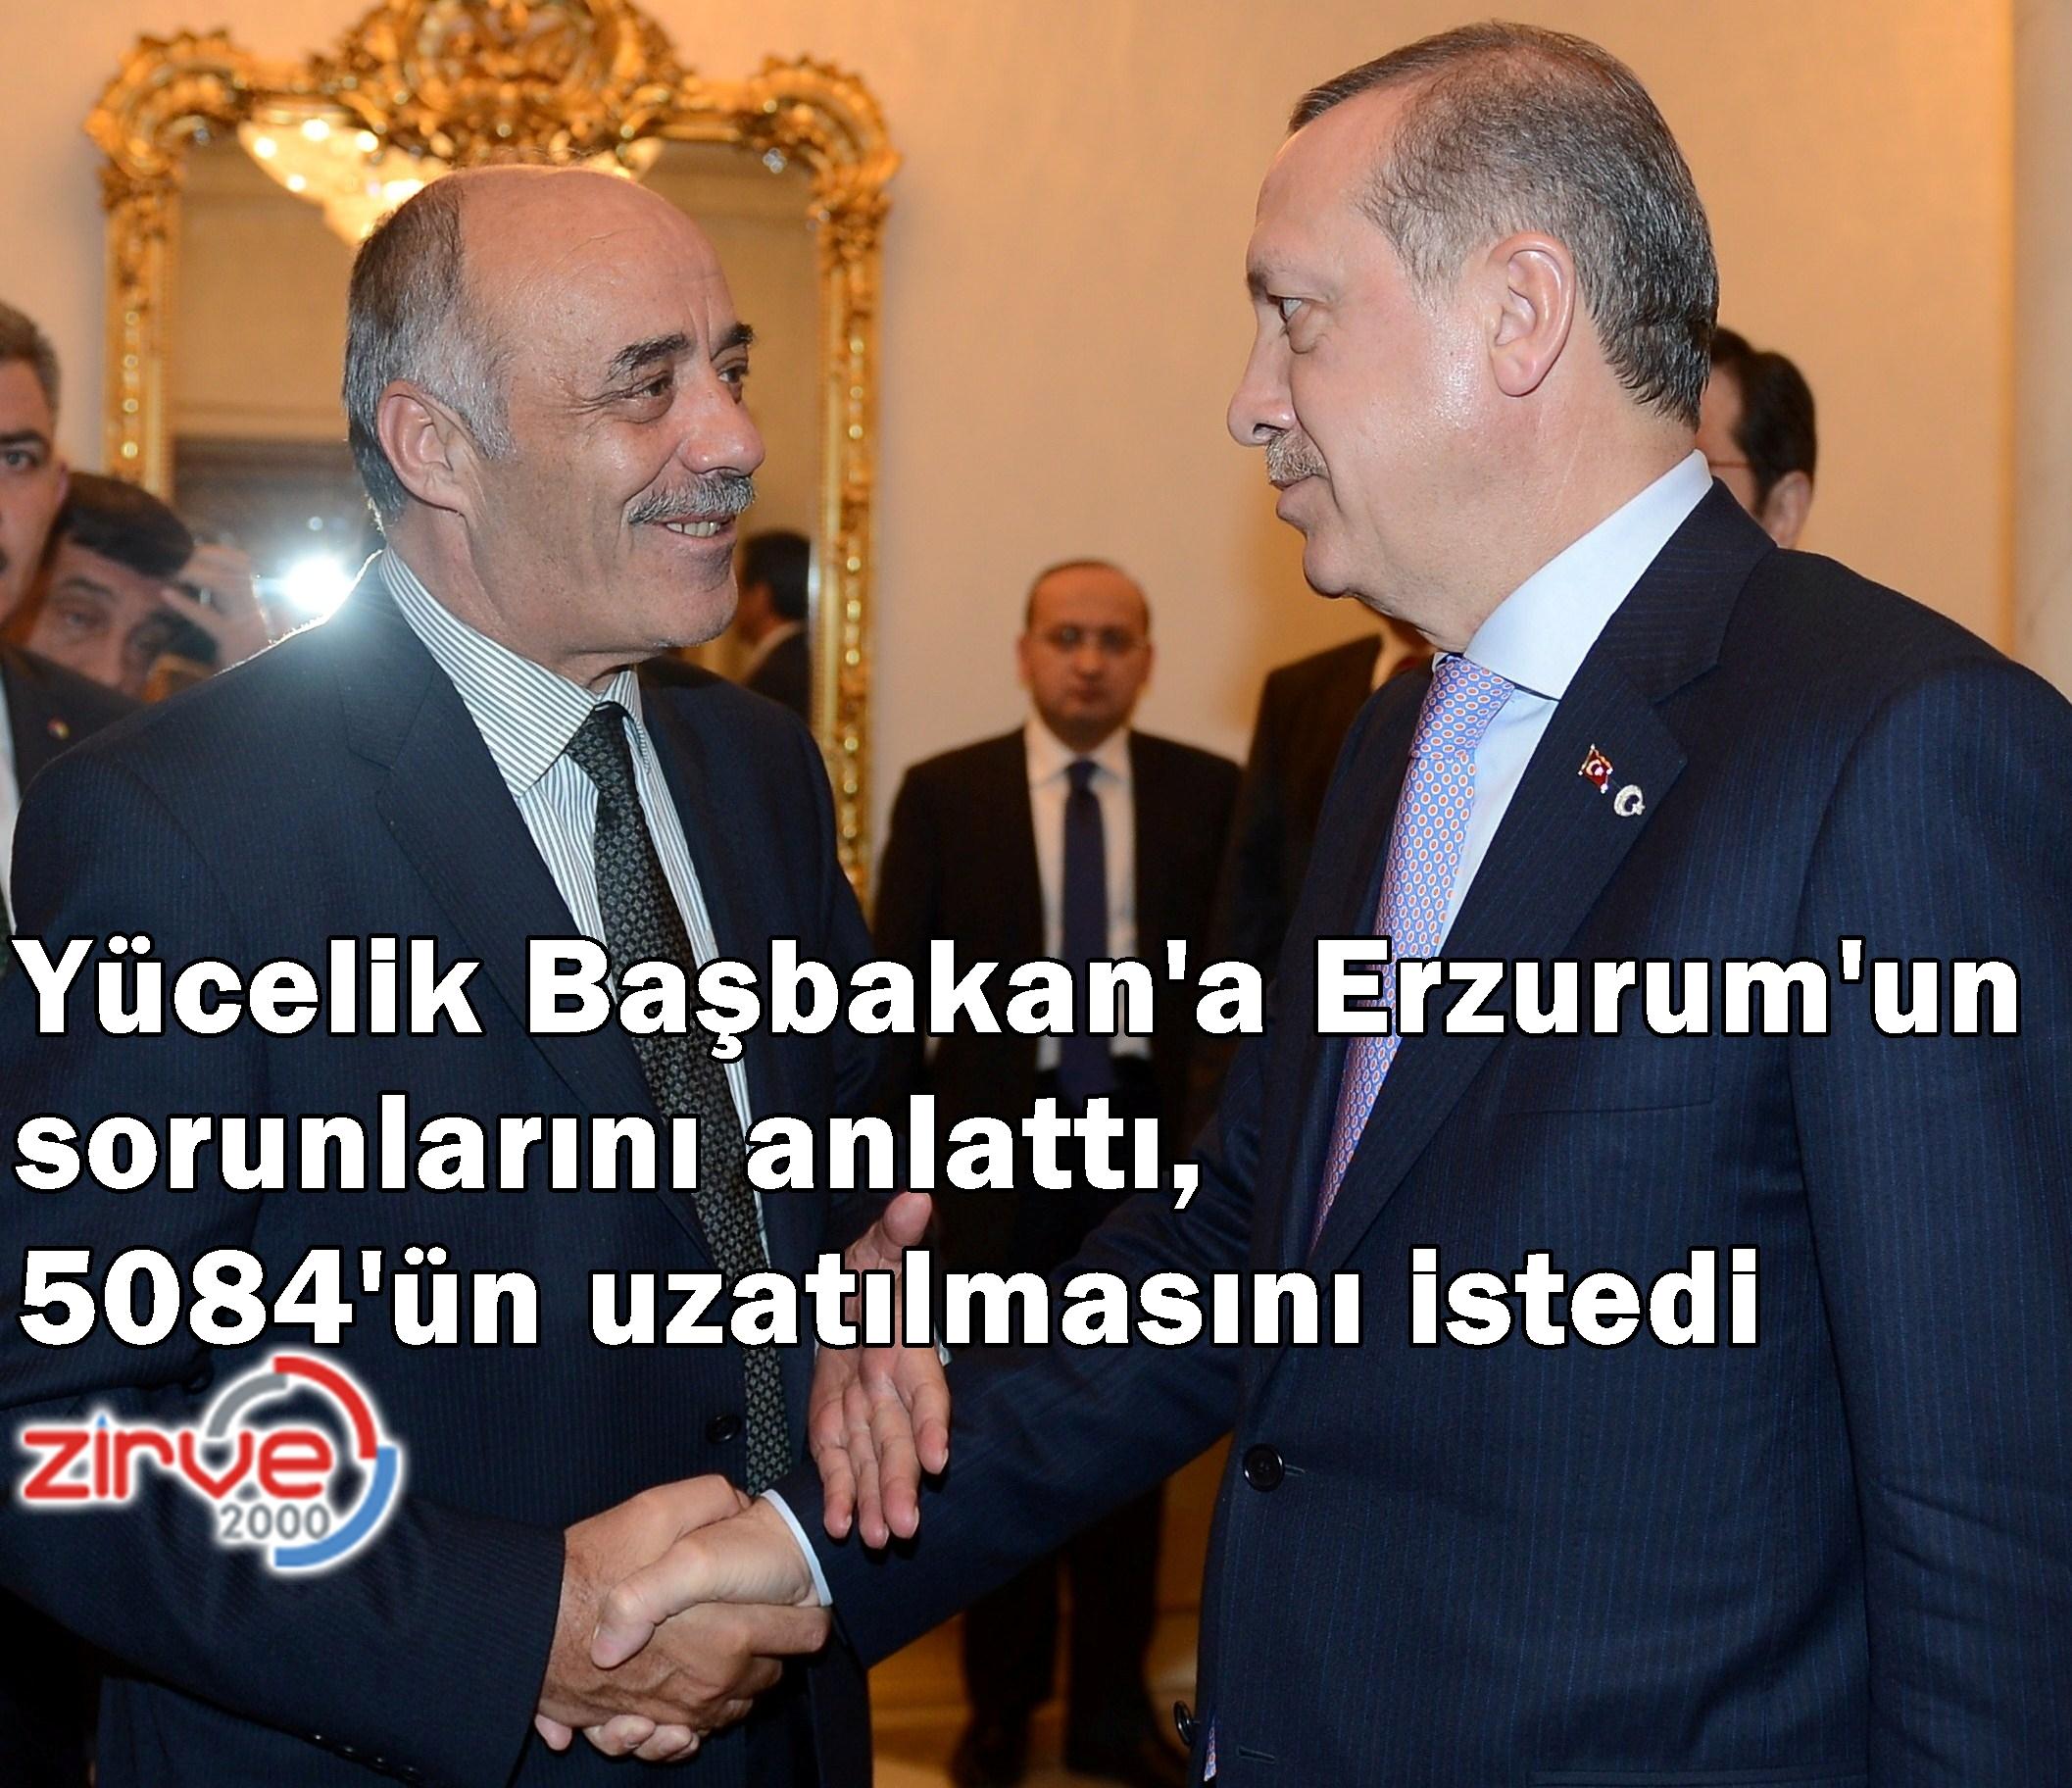 Yücelik, Başbakan Erdoğan'a Erzurum'u anlattı…